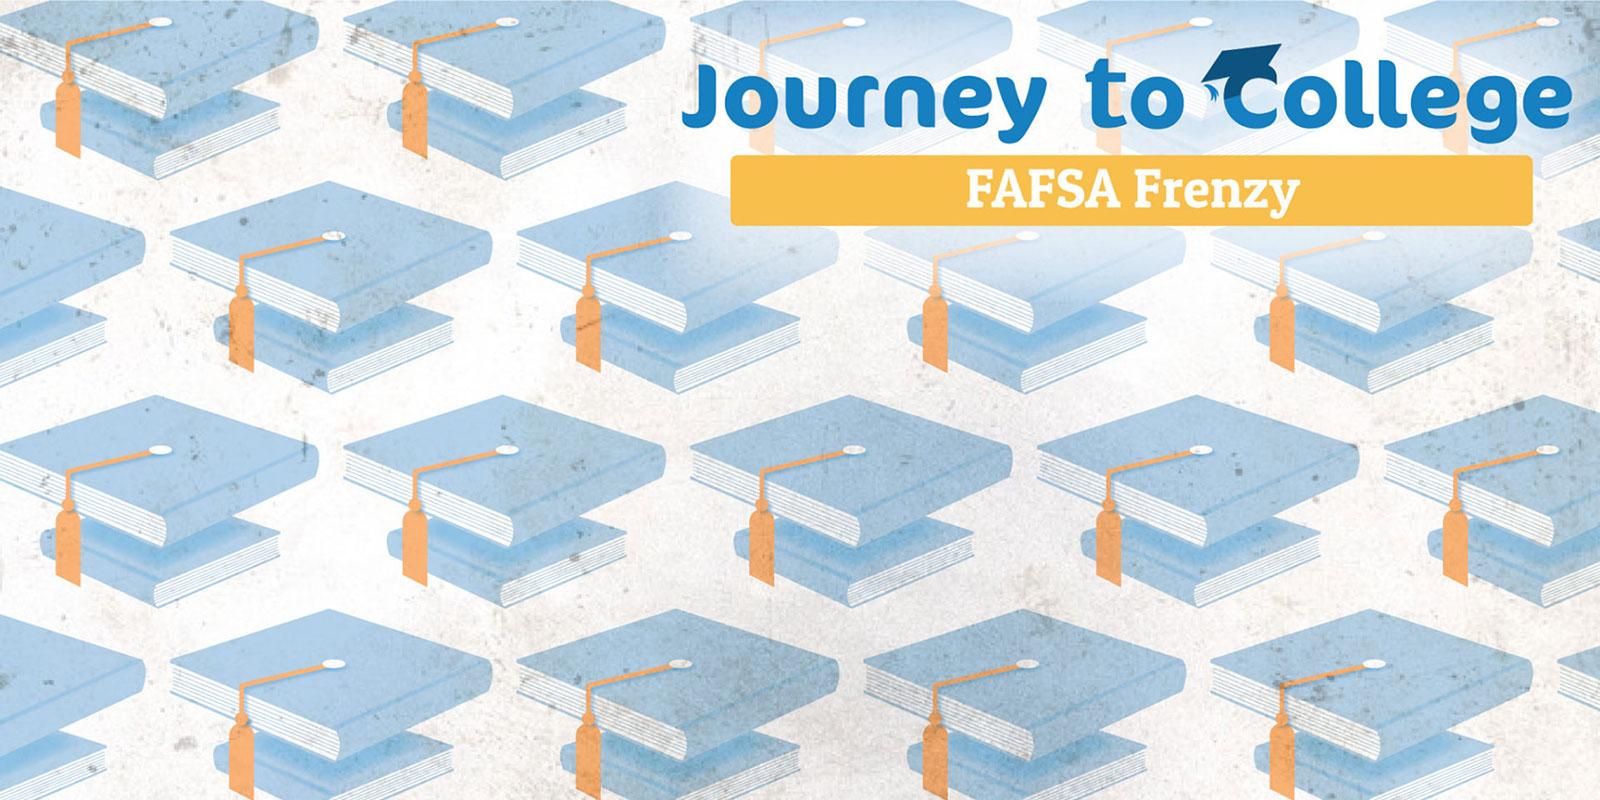 FAFSA Frenzy